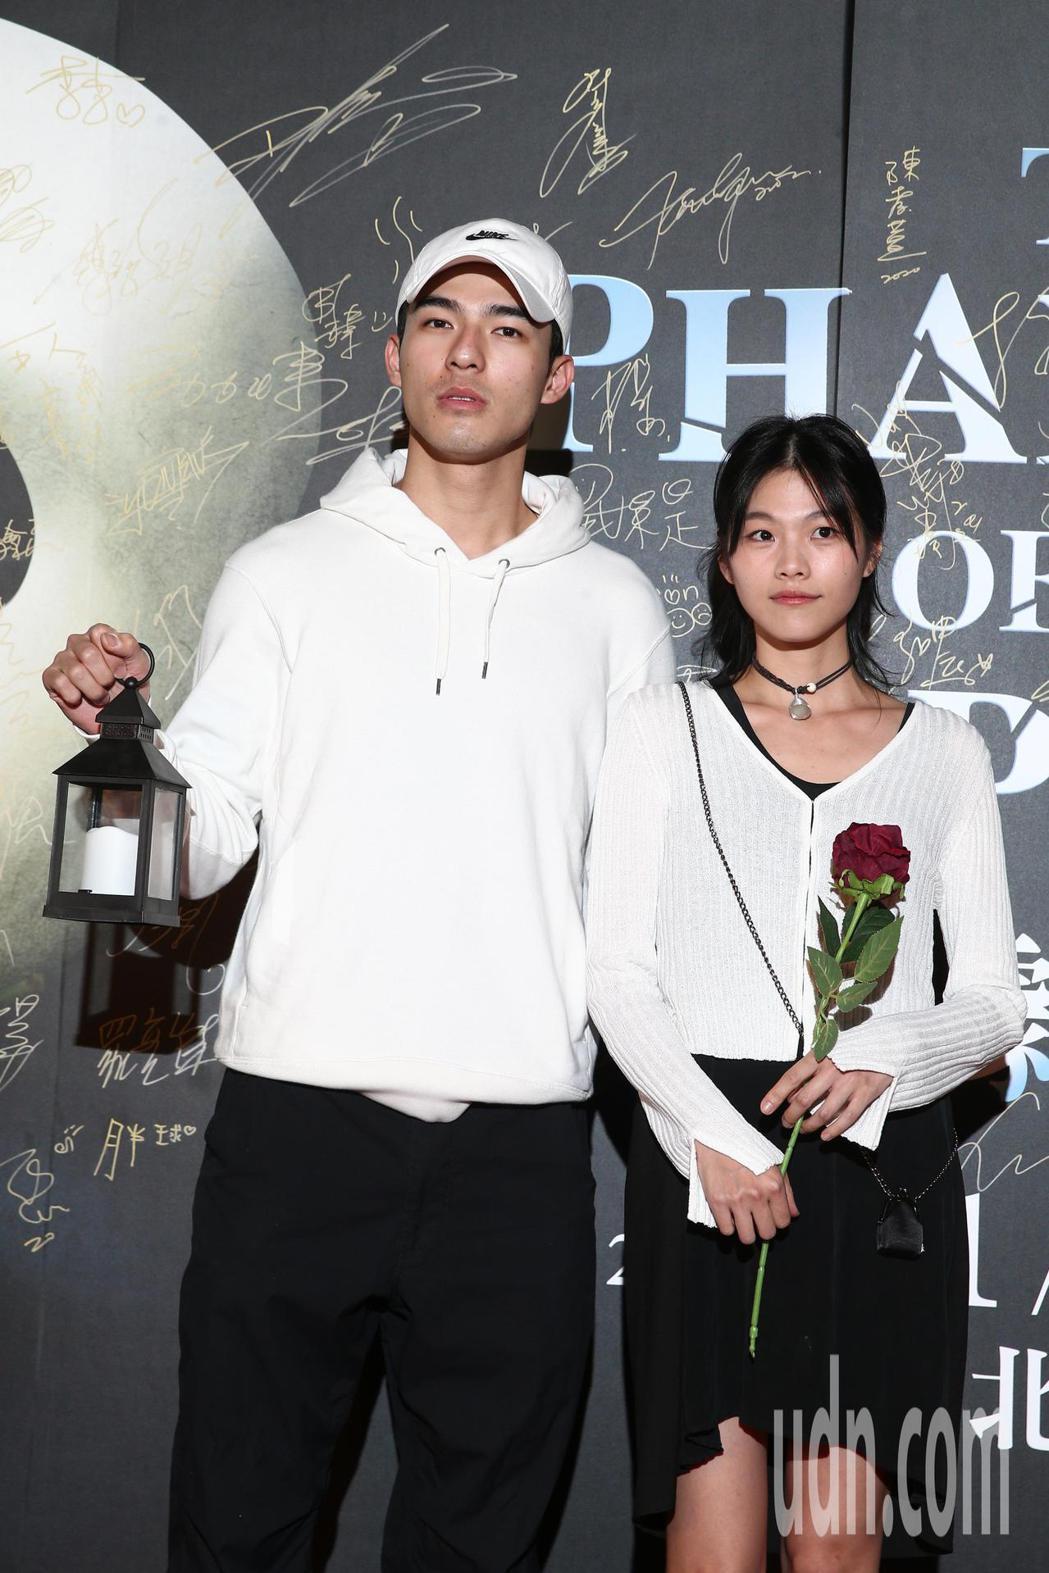 陳昊森(左)與柯泯薰(右)觀賞百老匯音樂劇「歌劇魅影」。記者蘇健忠/攝影